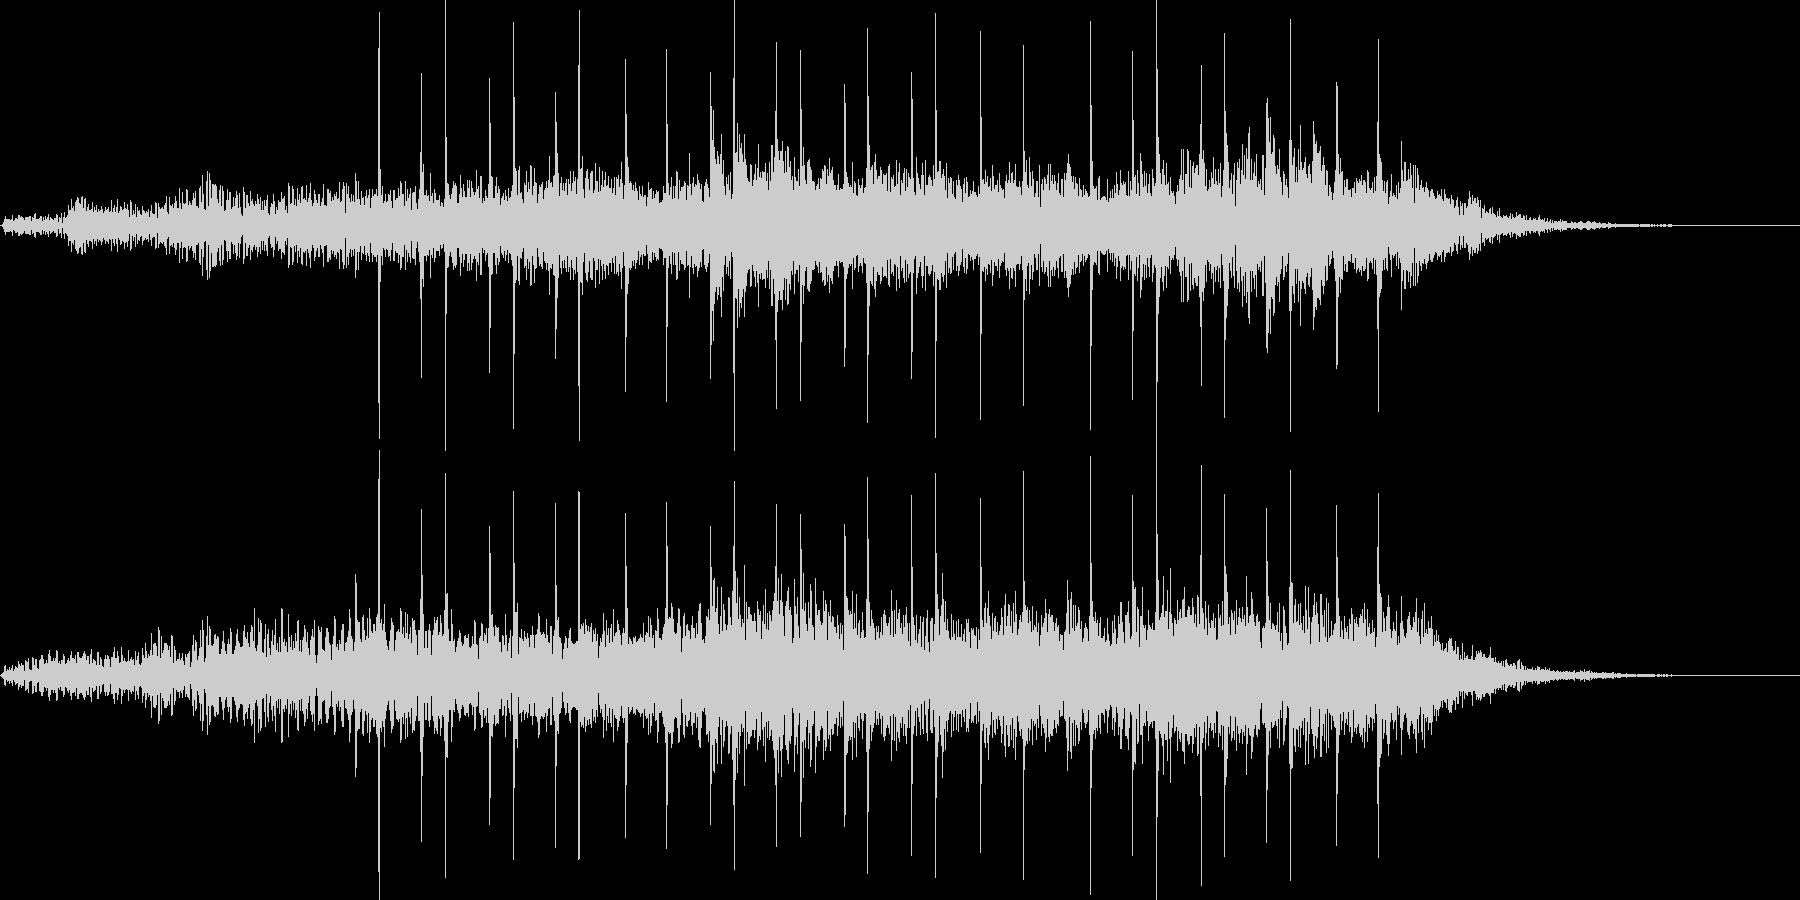 企業・サウンドロゴ・アイキャッチ9の未再生の波形